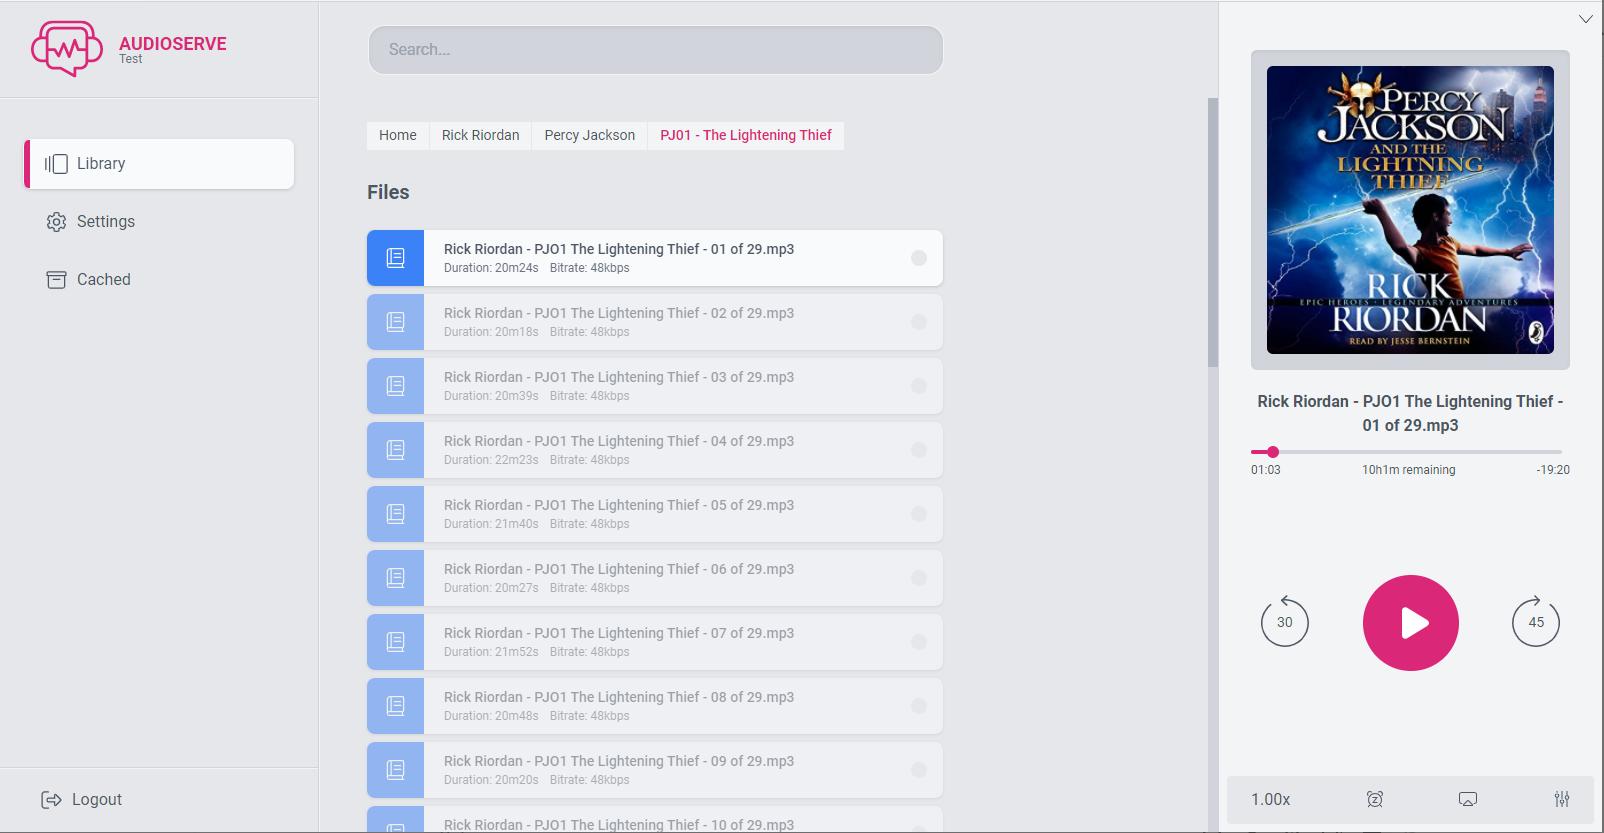 Audioserve UI - Light mode